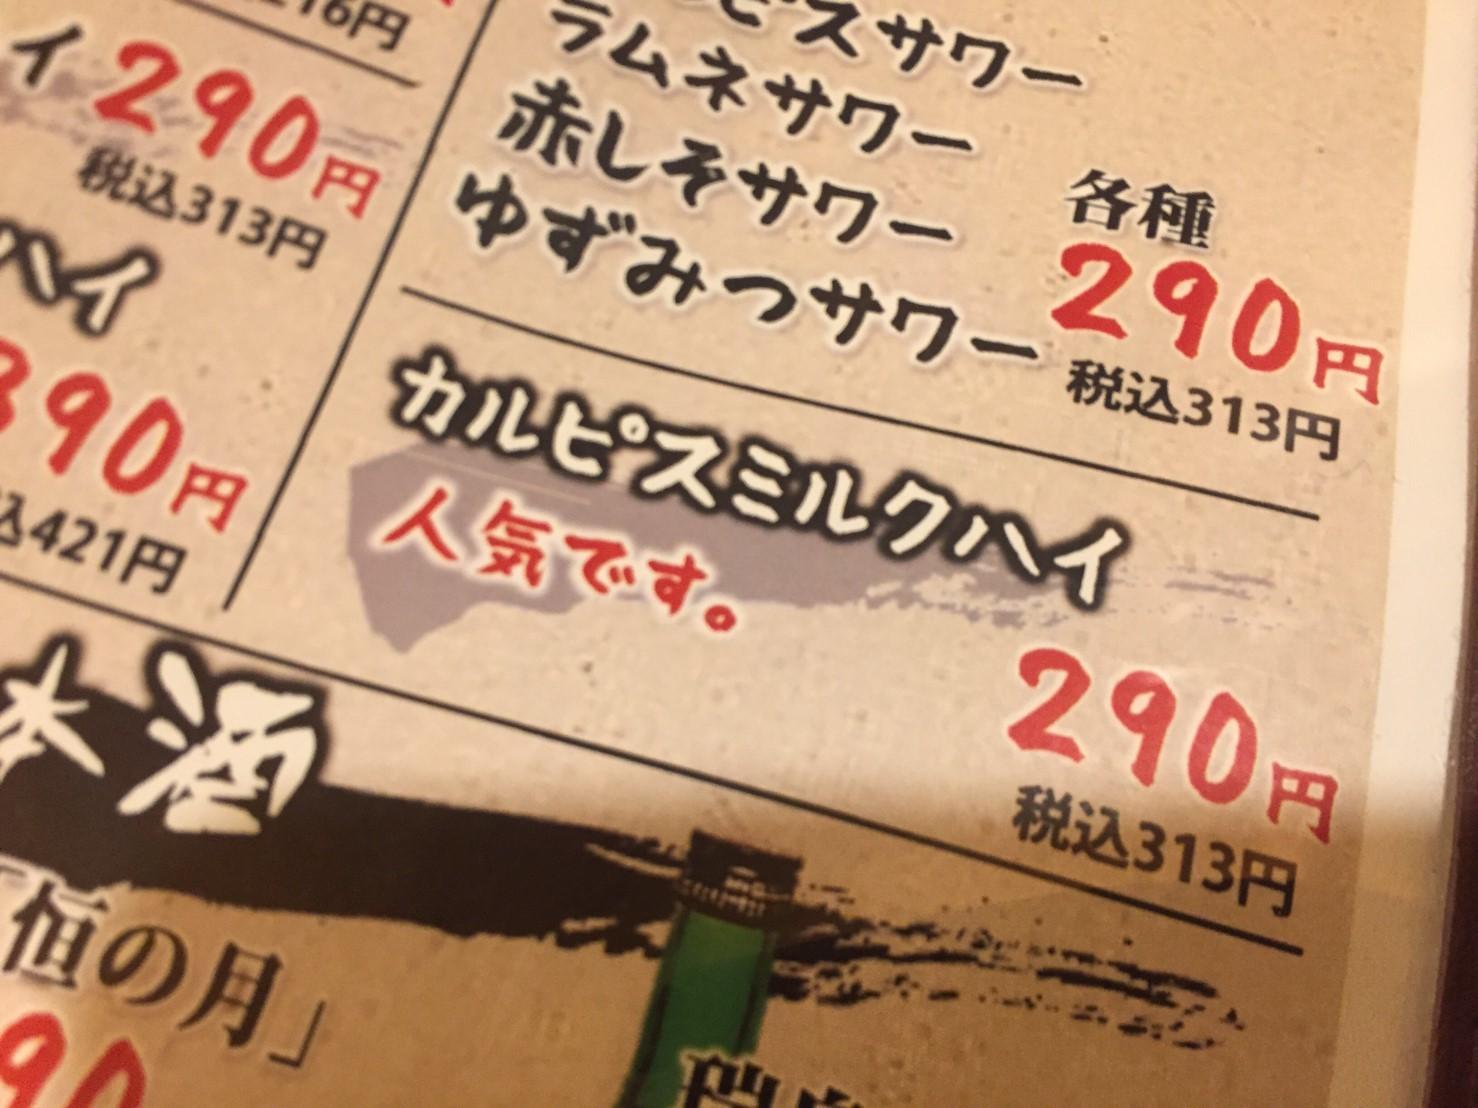 とっ鳥屋 東店  春メニュー_e0115904_11450975.jpg